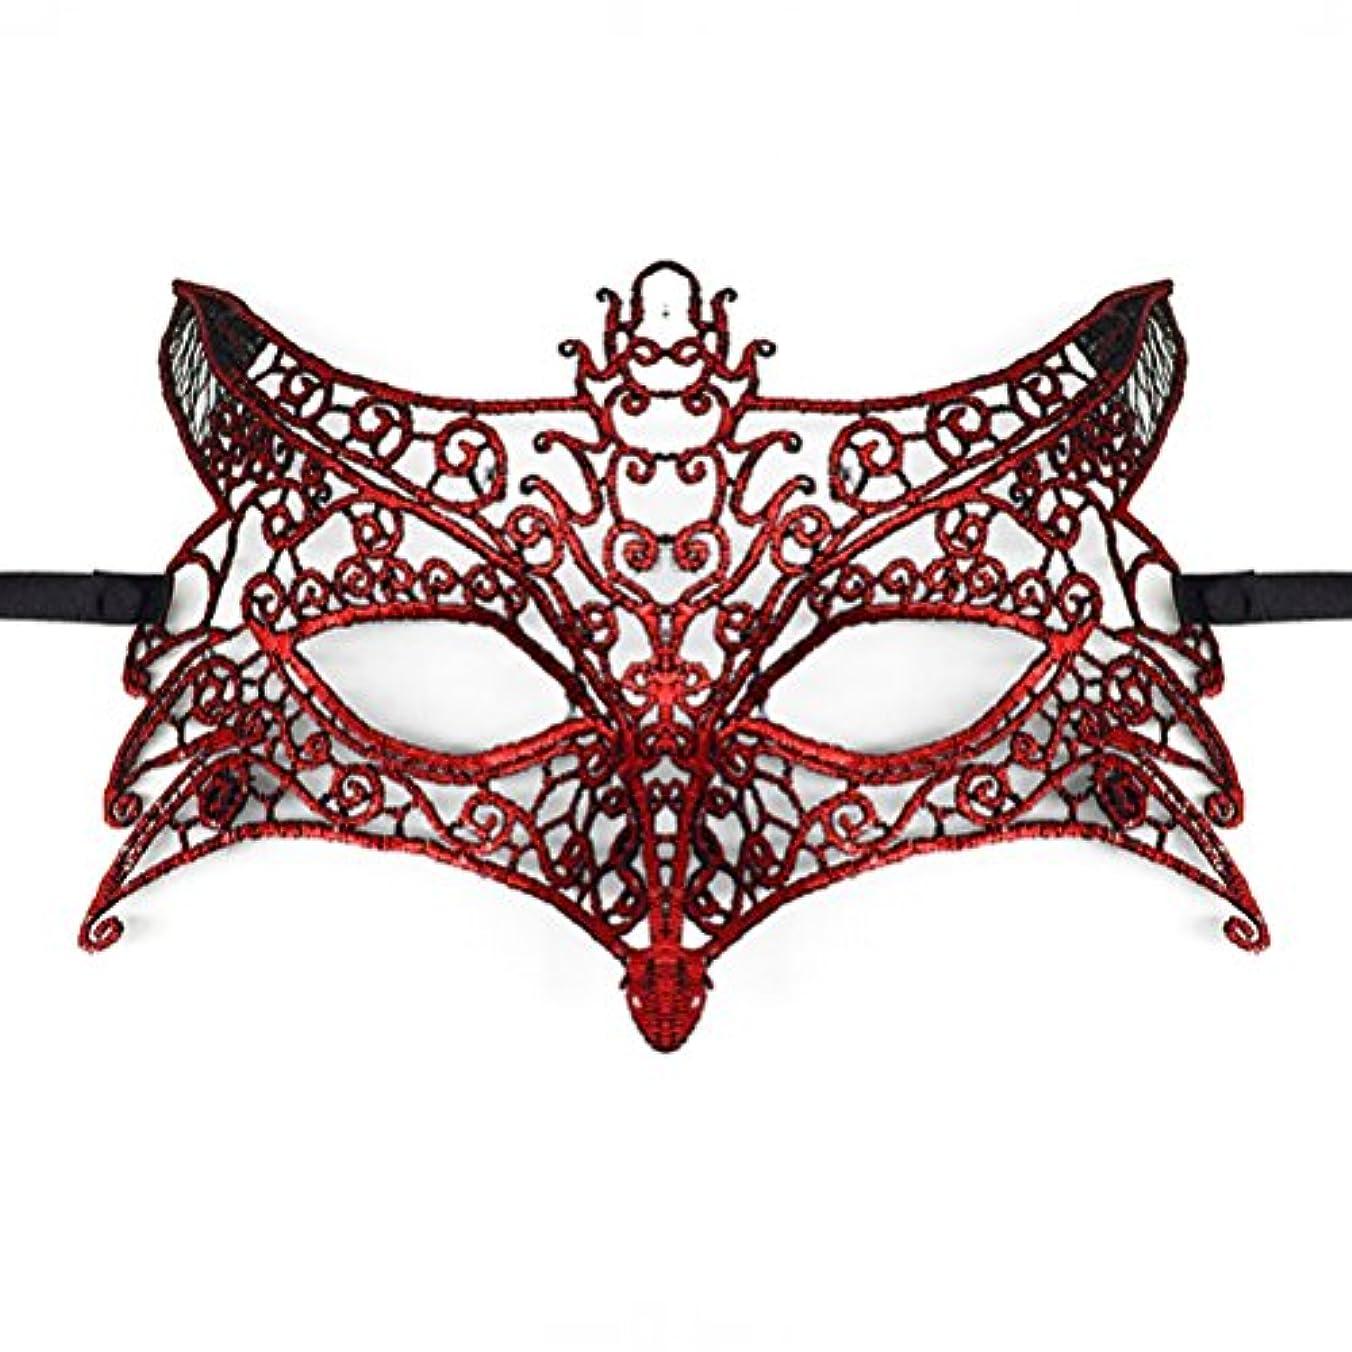 密接に無視する才能Toyvian ハロウィーンパーティー用レースマスカレードマスク(ウルフヘッド)